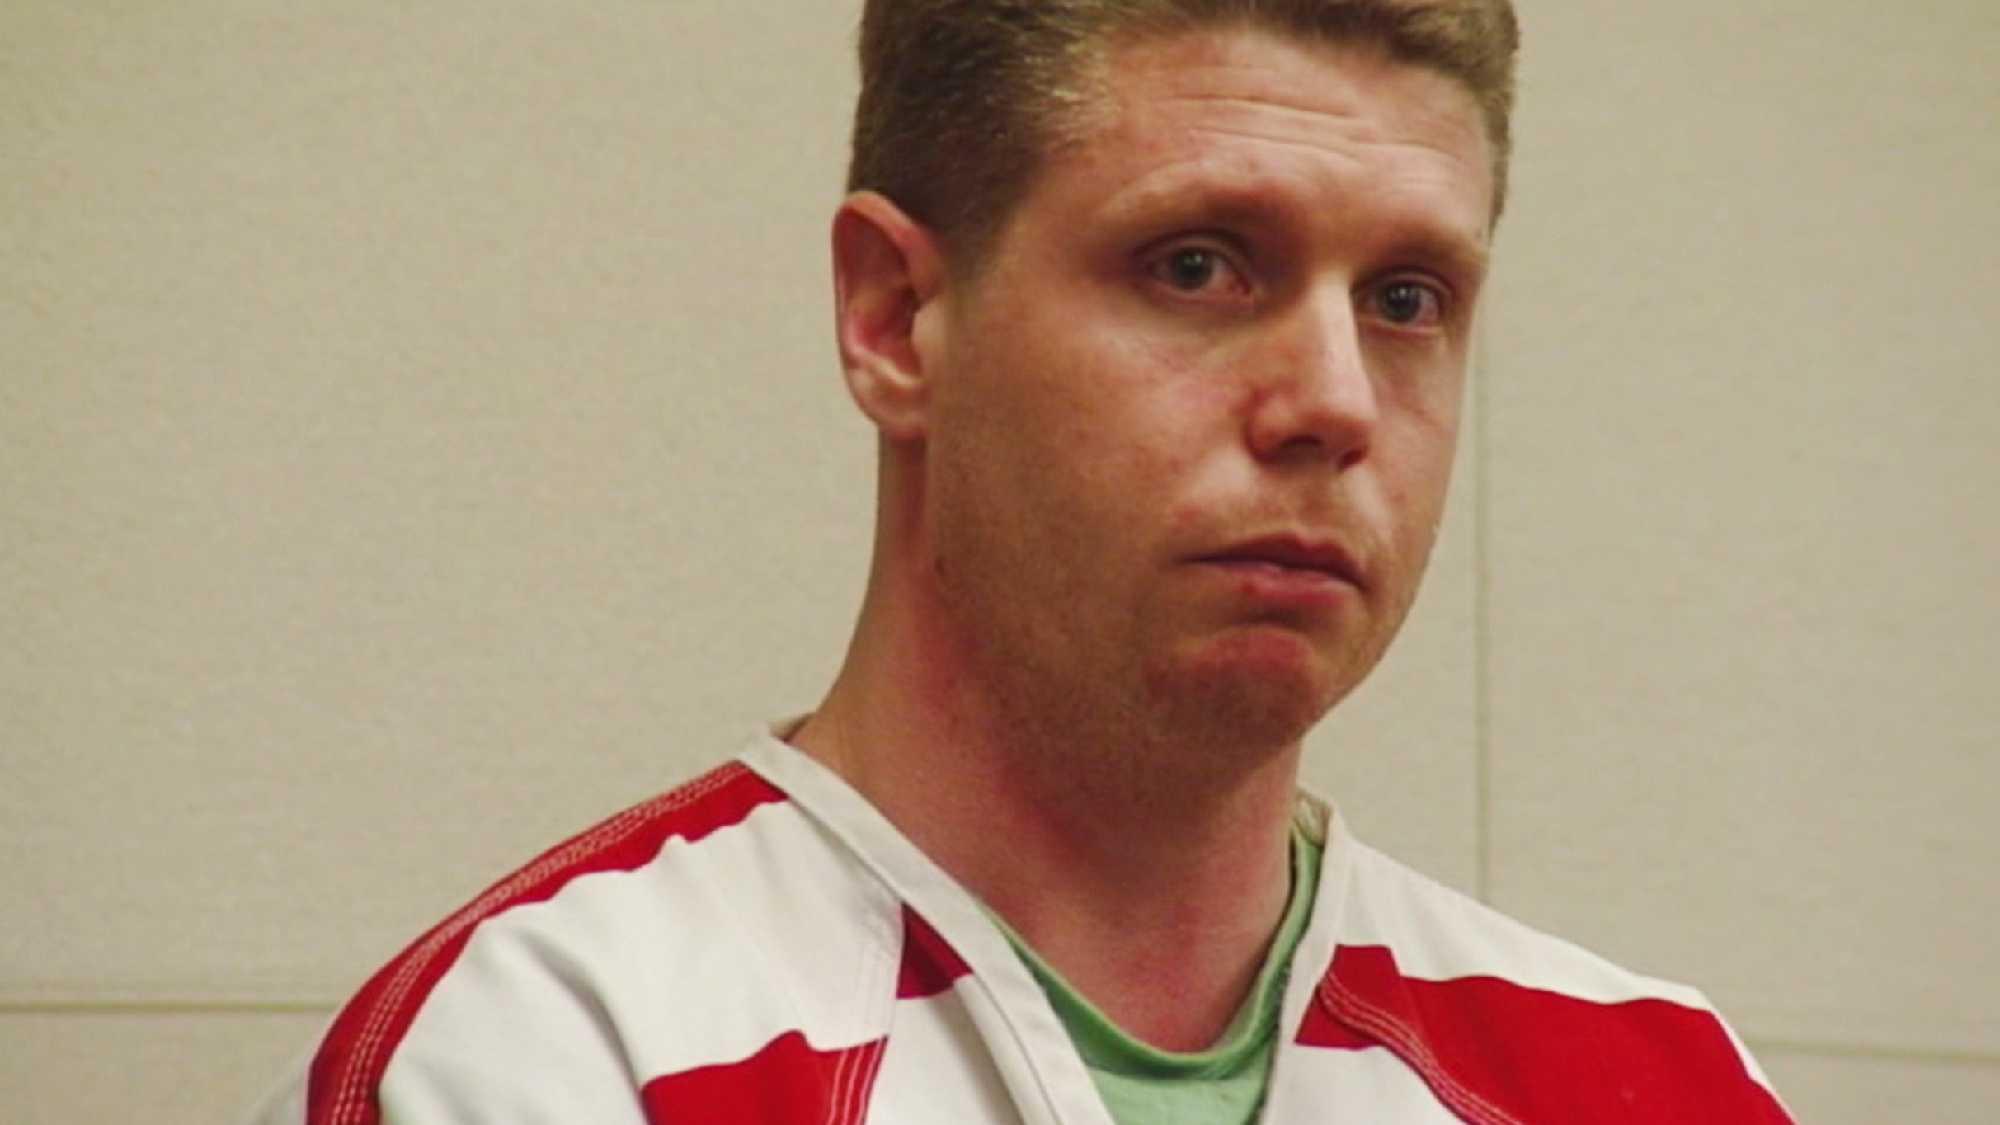 Stuart Elder is seen at his sentencing on April 1, 2015.